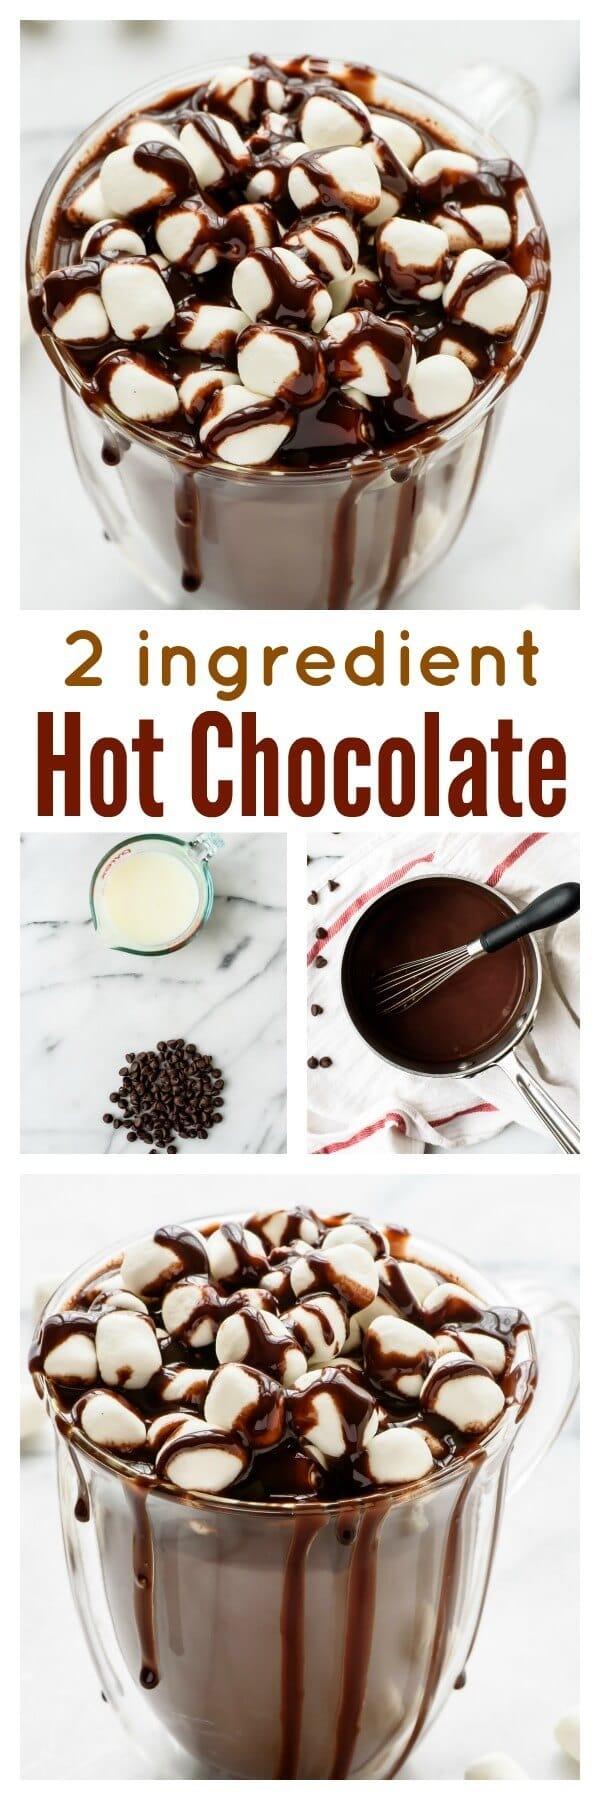 2 Ingredient Homemade Hot Chocolate